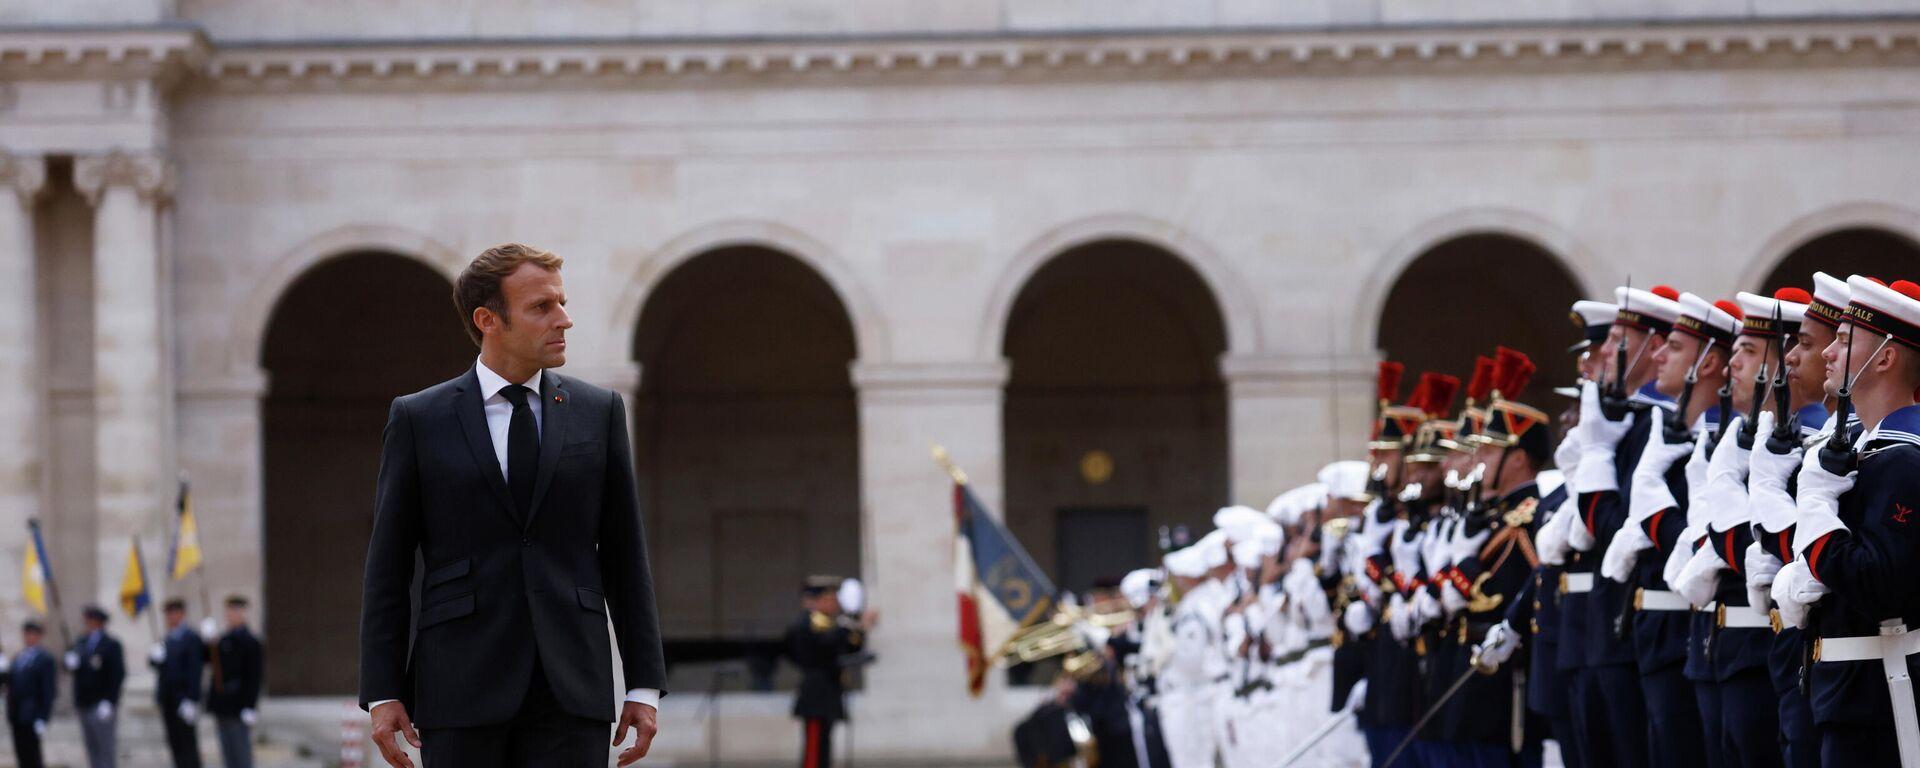 Emmanuel Macron, presidente de Francia, asiste a una parada militar en París, el 29 de septiembre del 2021 - Sputnik Mundo, 1920, 29.09.2021